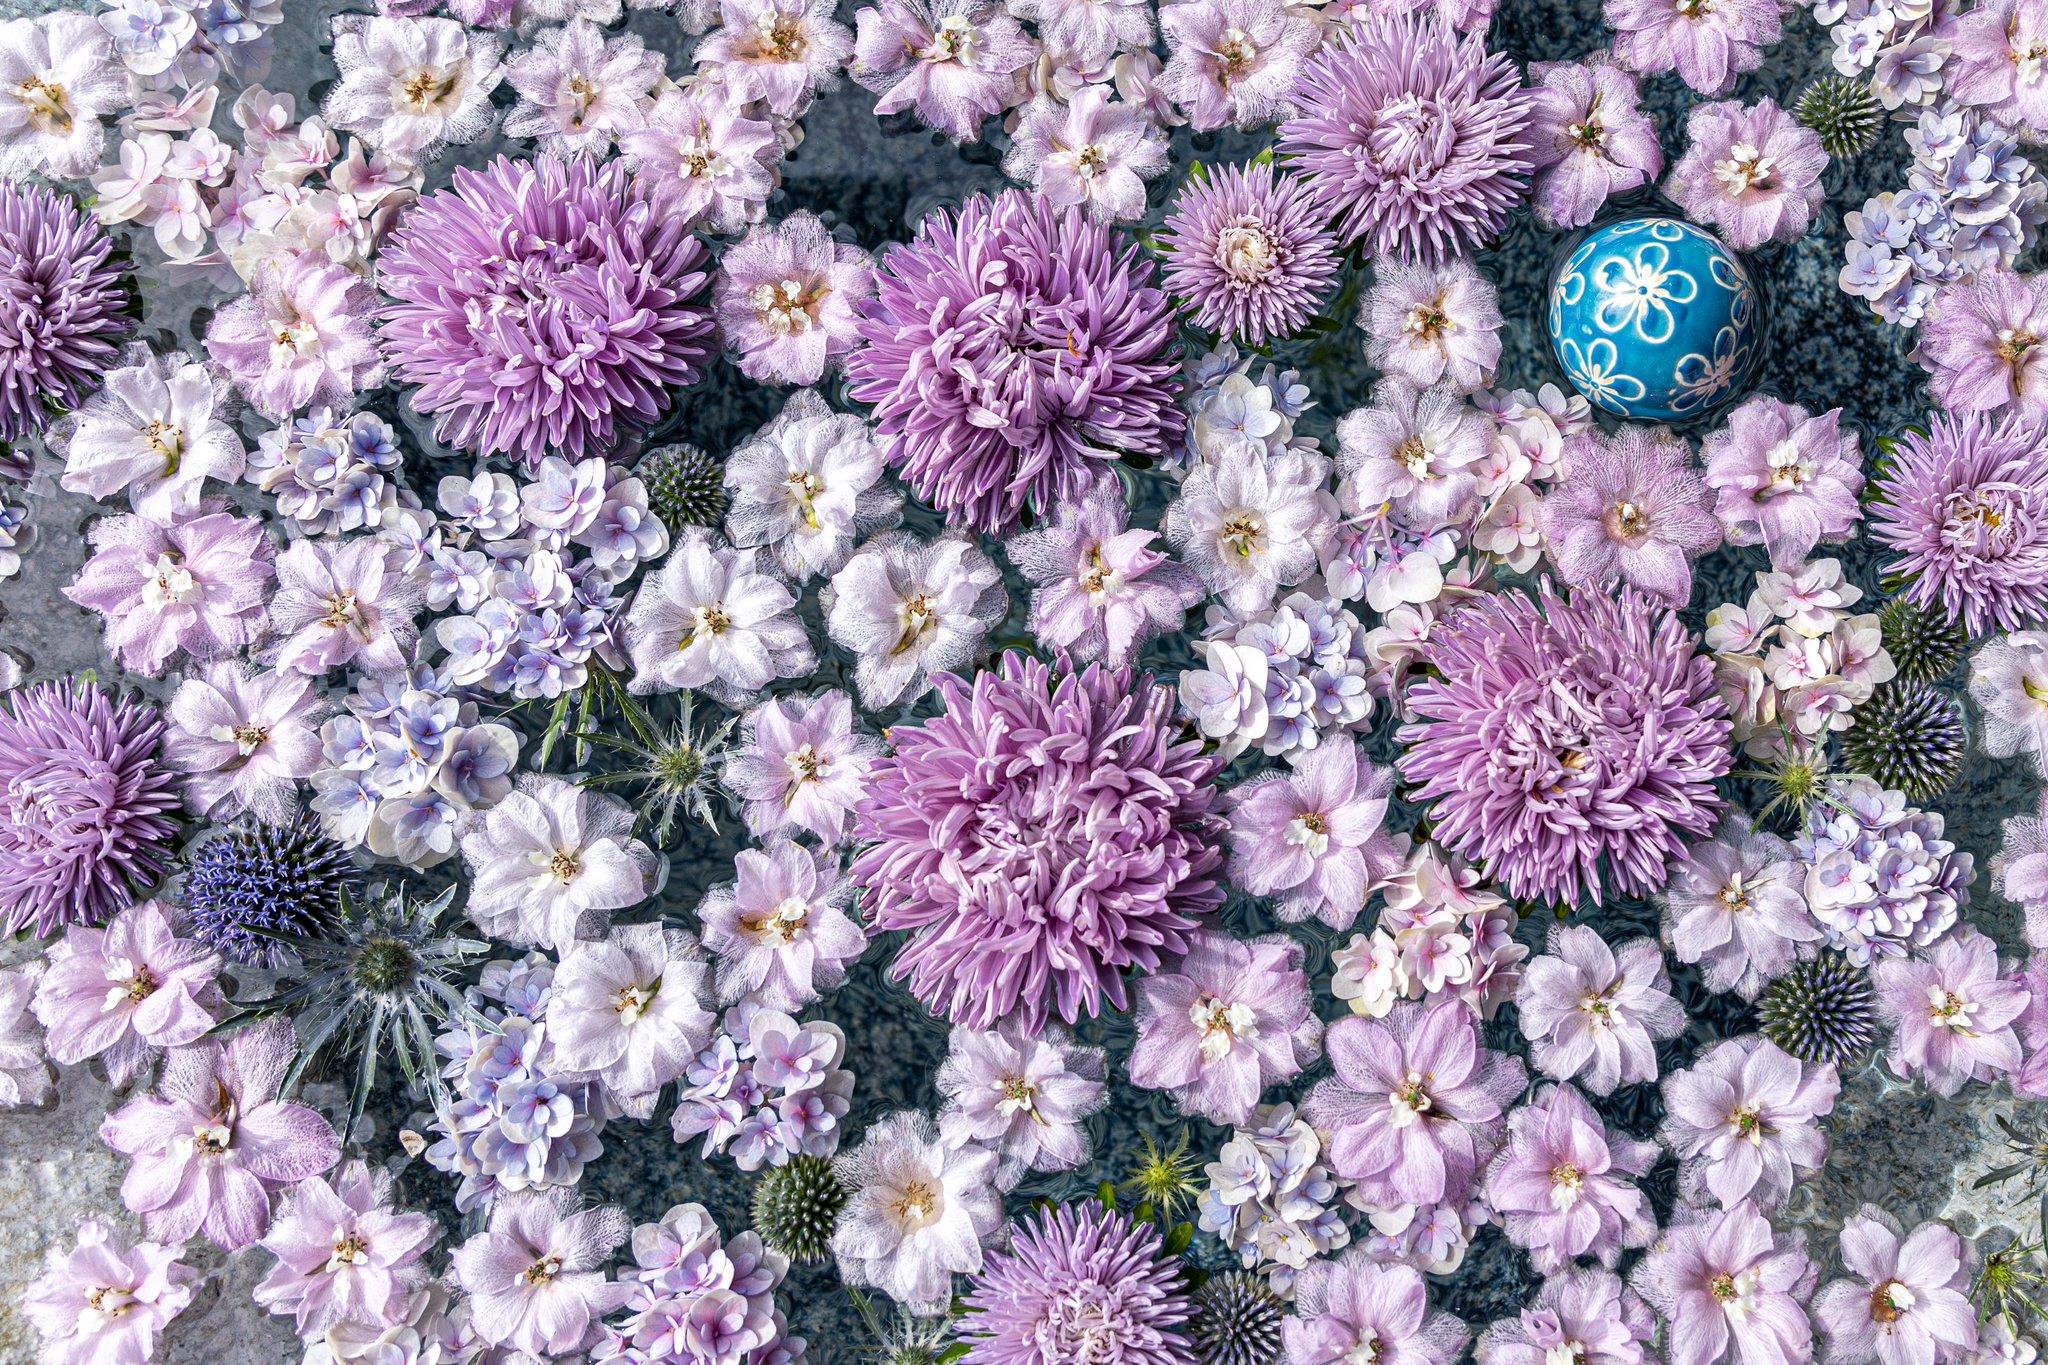 埼玉にもあった!「花手水」行田八幡神社の美しい花たち!